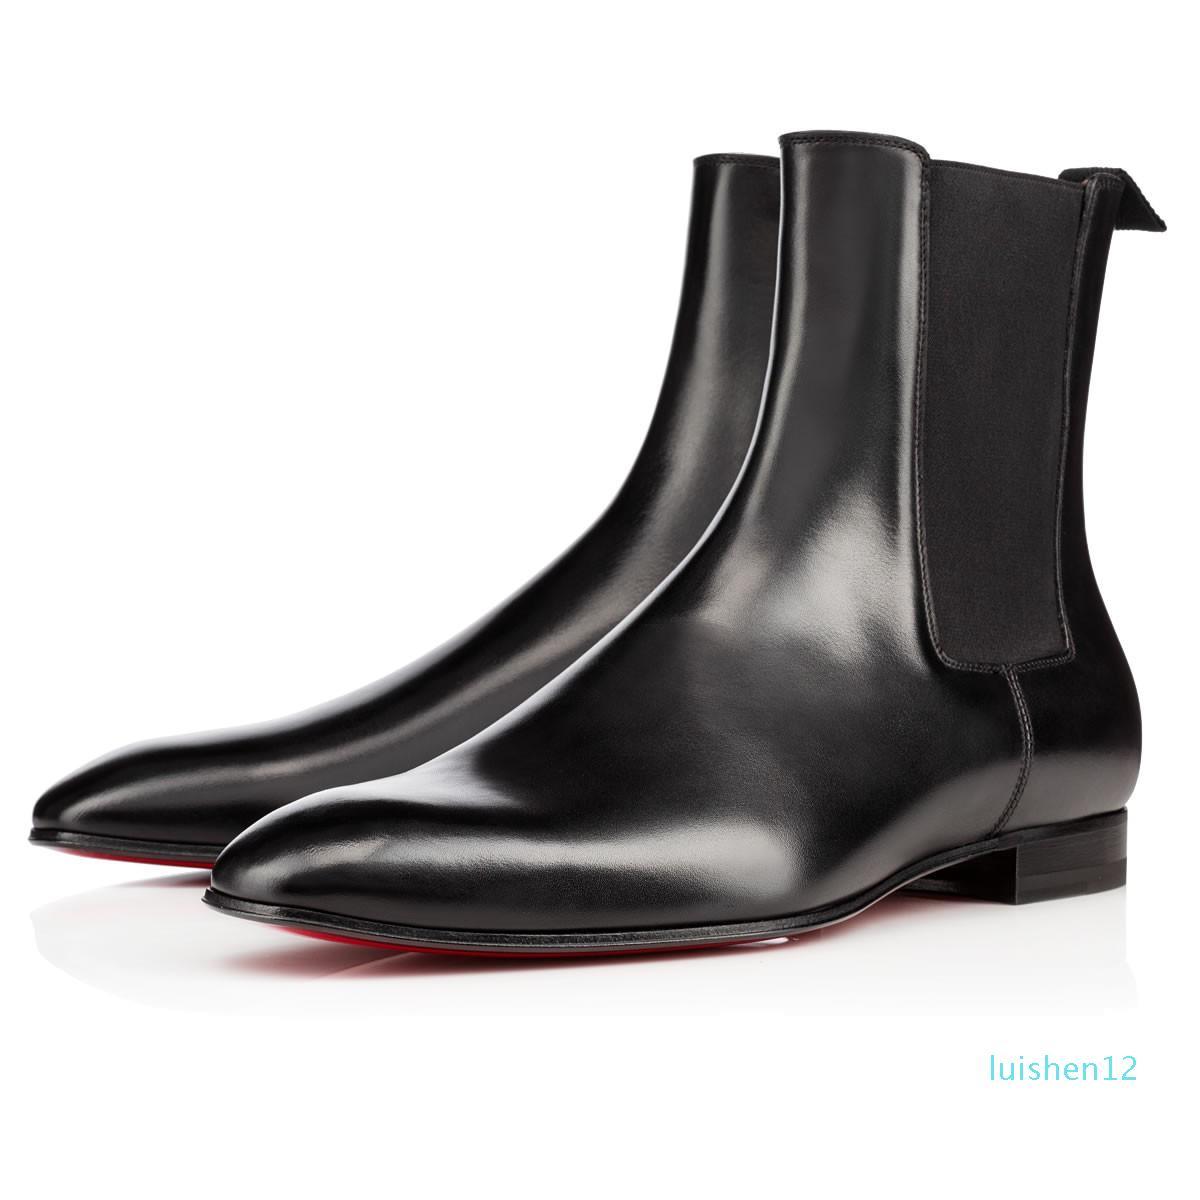 Art und Weise elegantes Business Designer Mens Black Leather Ritter Stiefel High Top-roter Unterseite Stiefel, Marke Flache Ankle Boot Freizeitschuhe L12